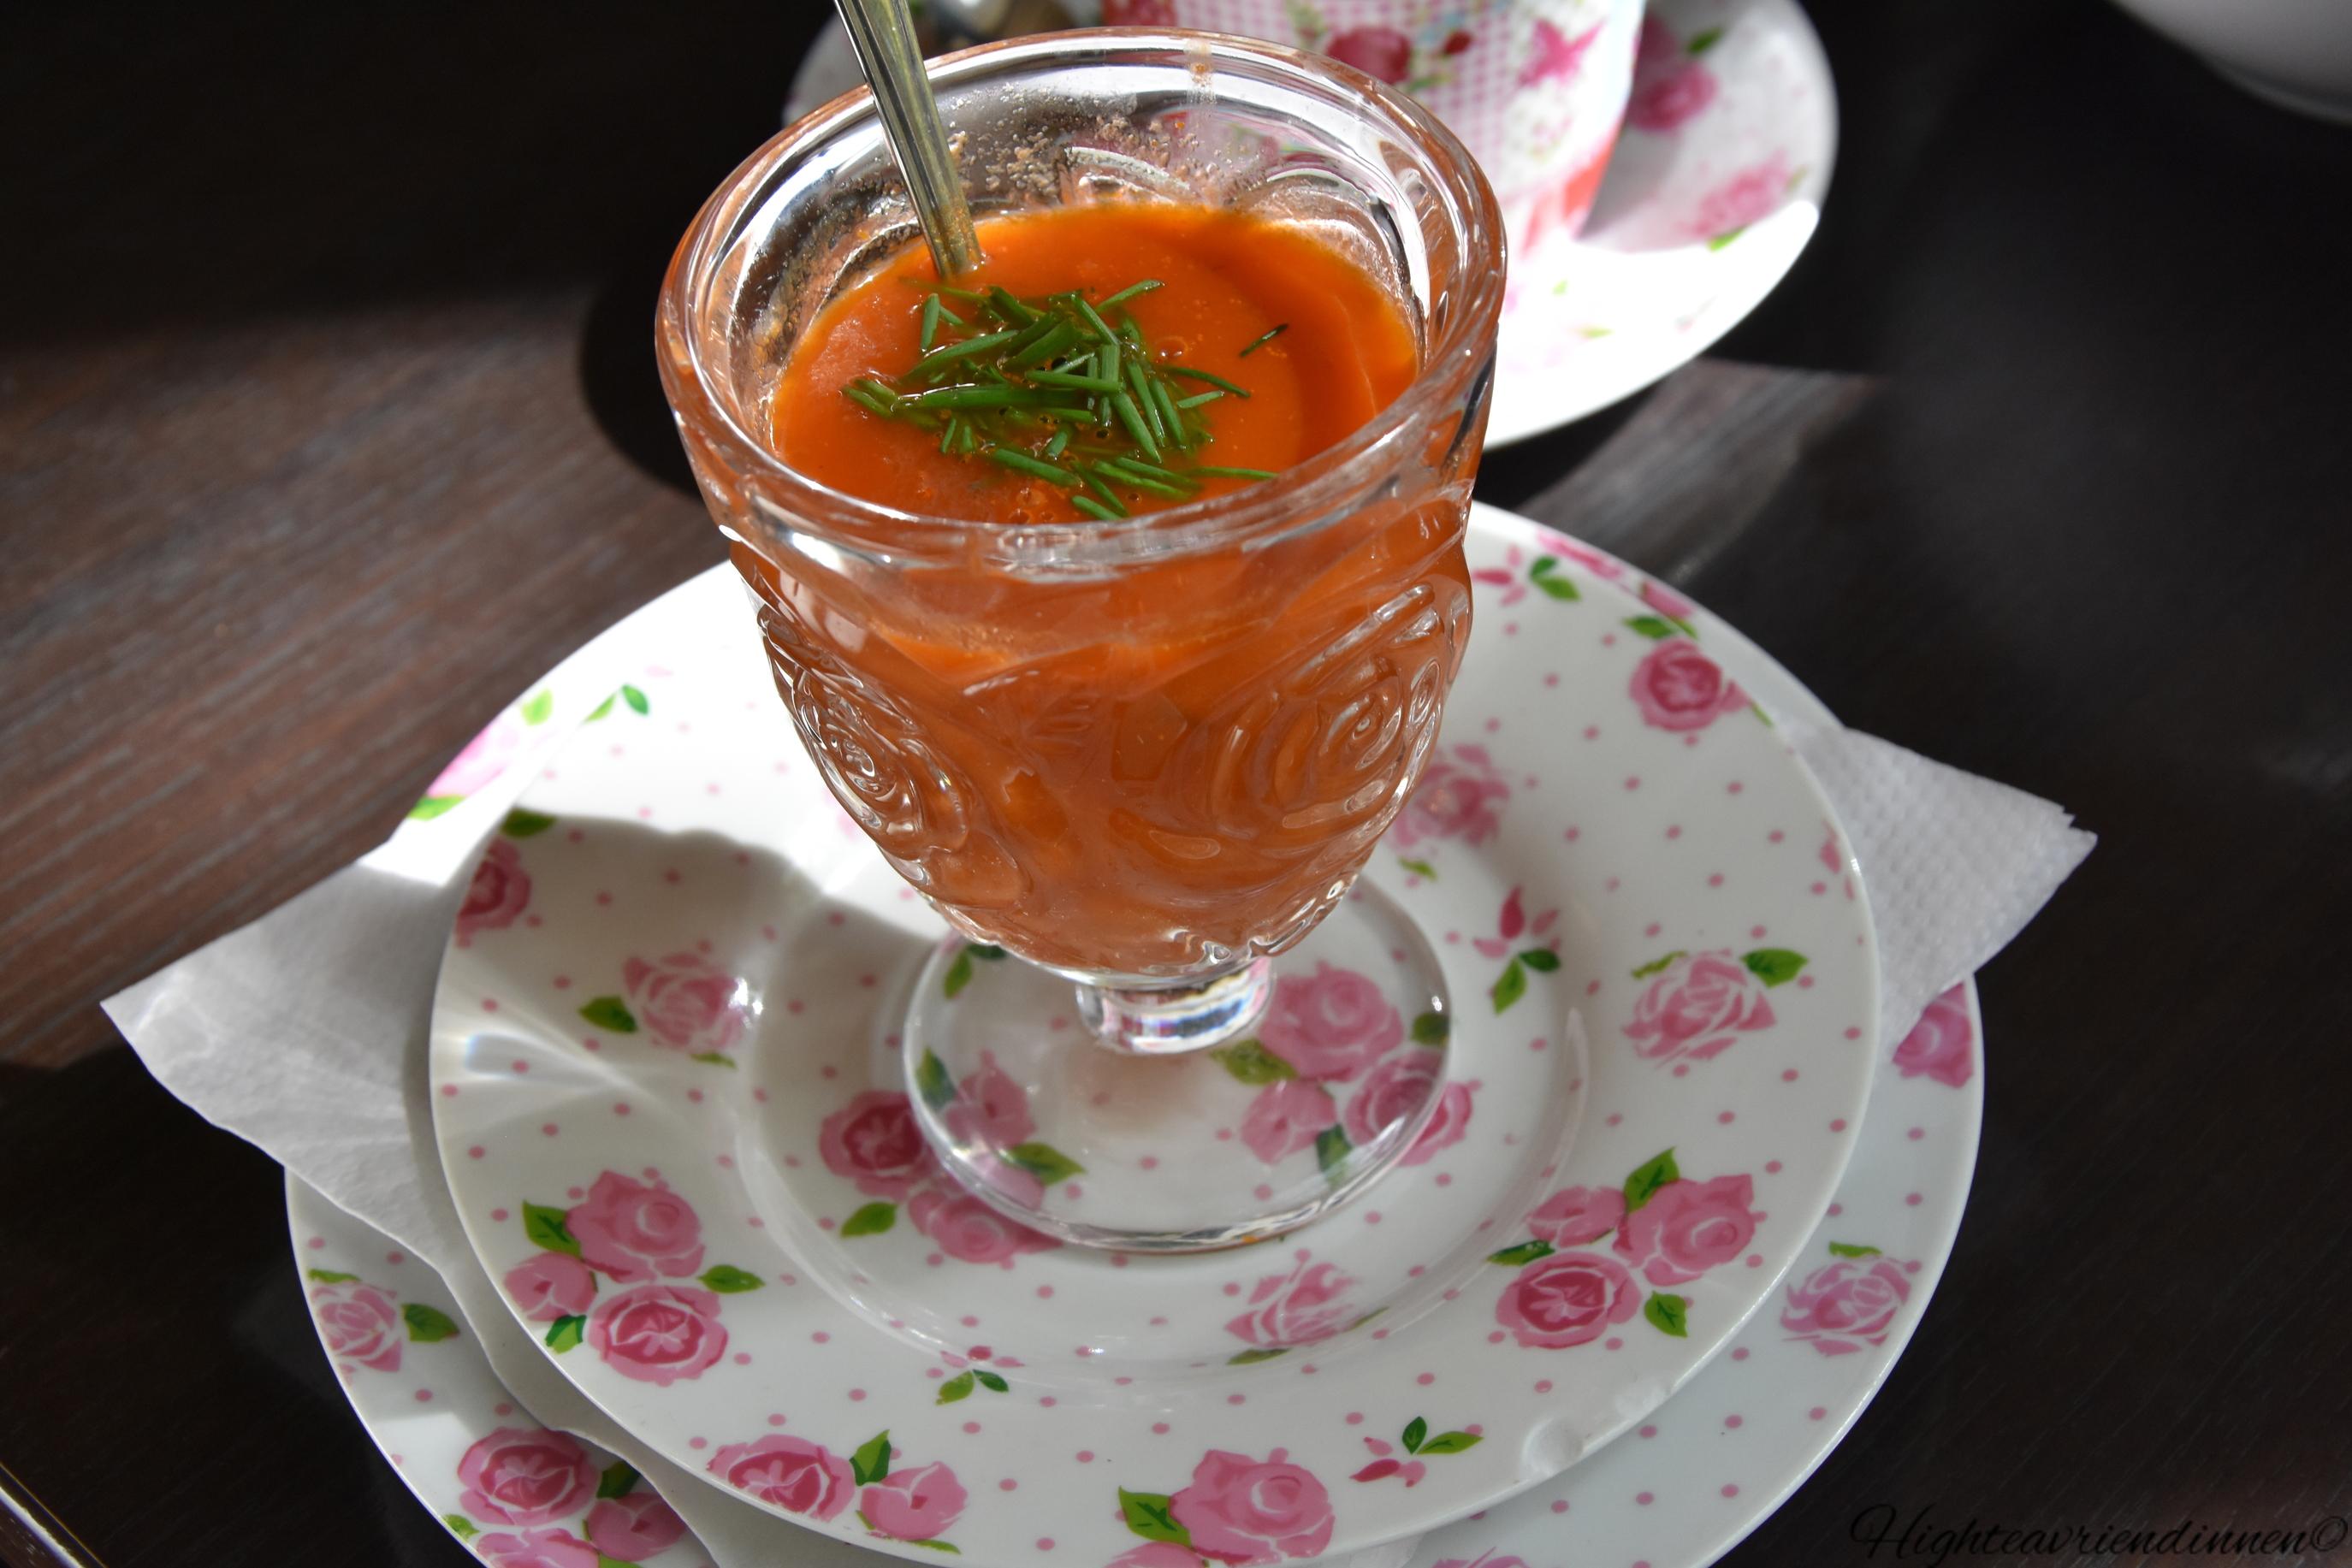 high tea vriendinnen, hofje zonder zorgen, high tea